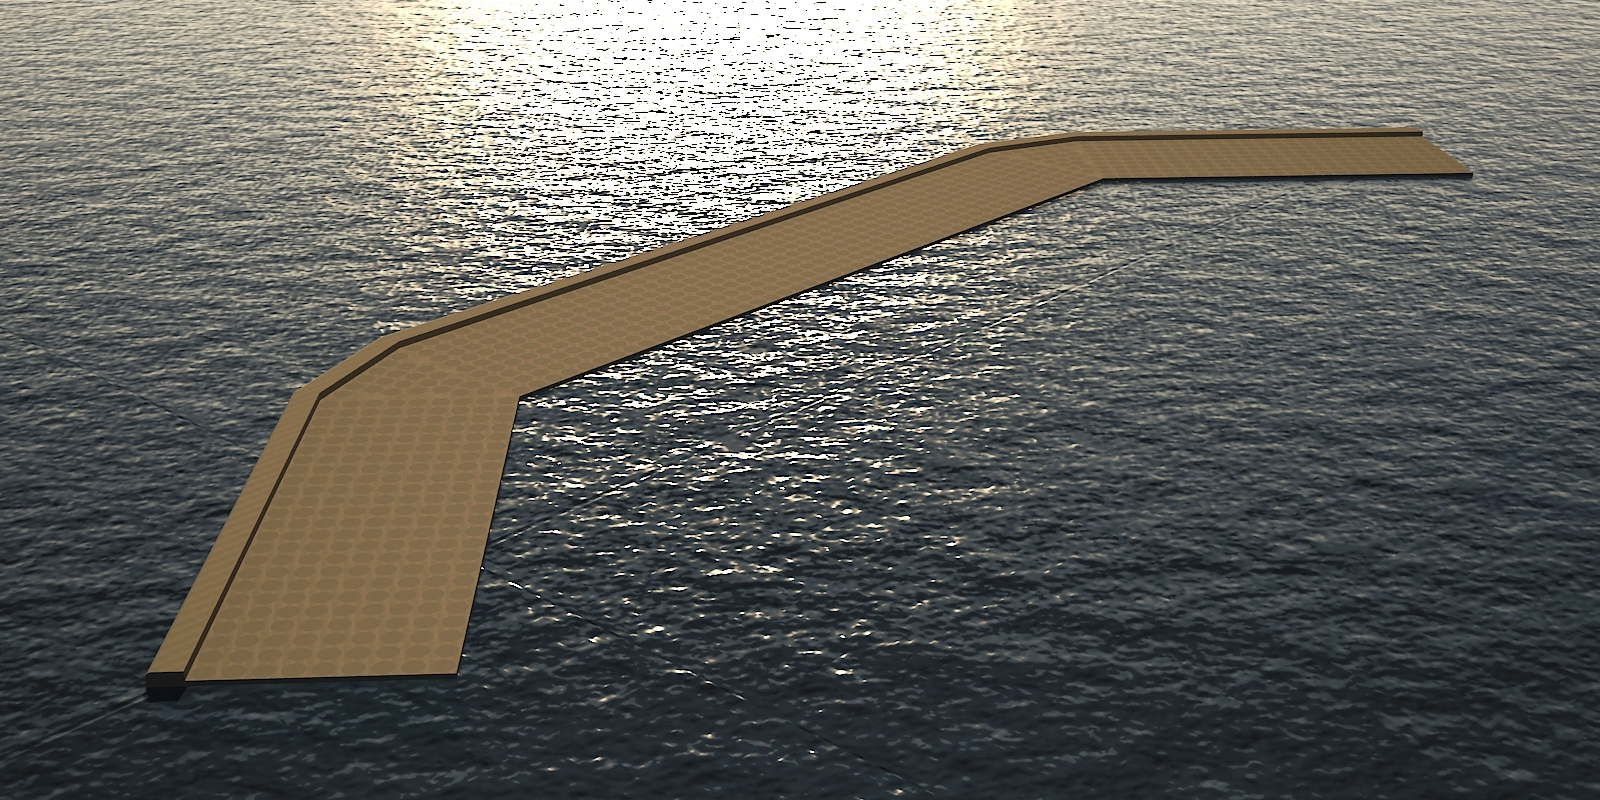 1_HERO_PSP_Rho-Cee WEC viewed from ashore